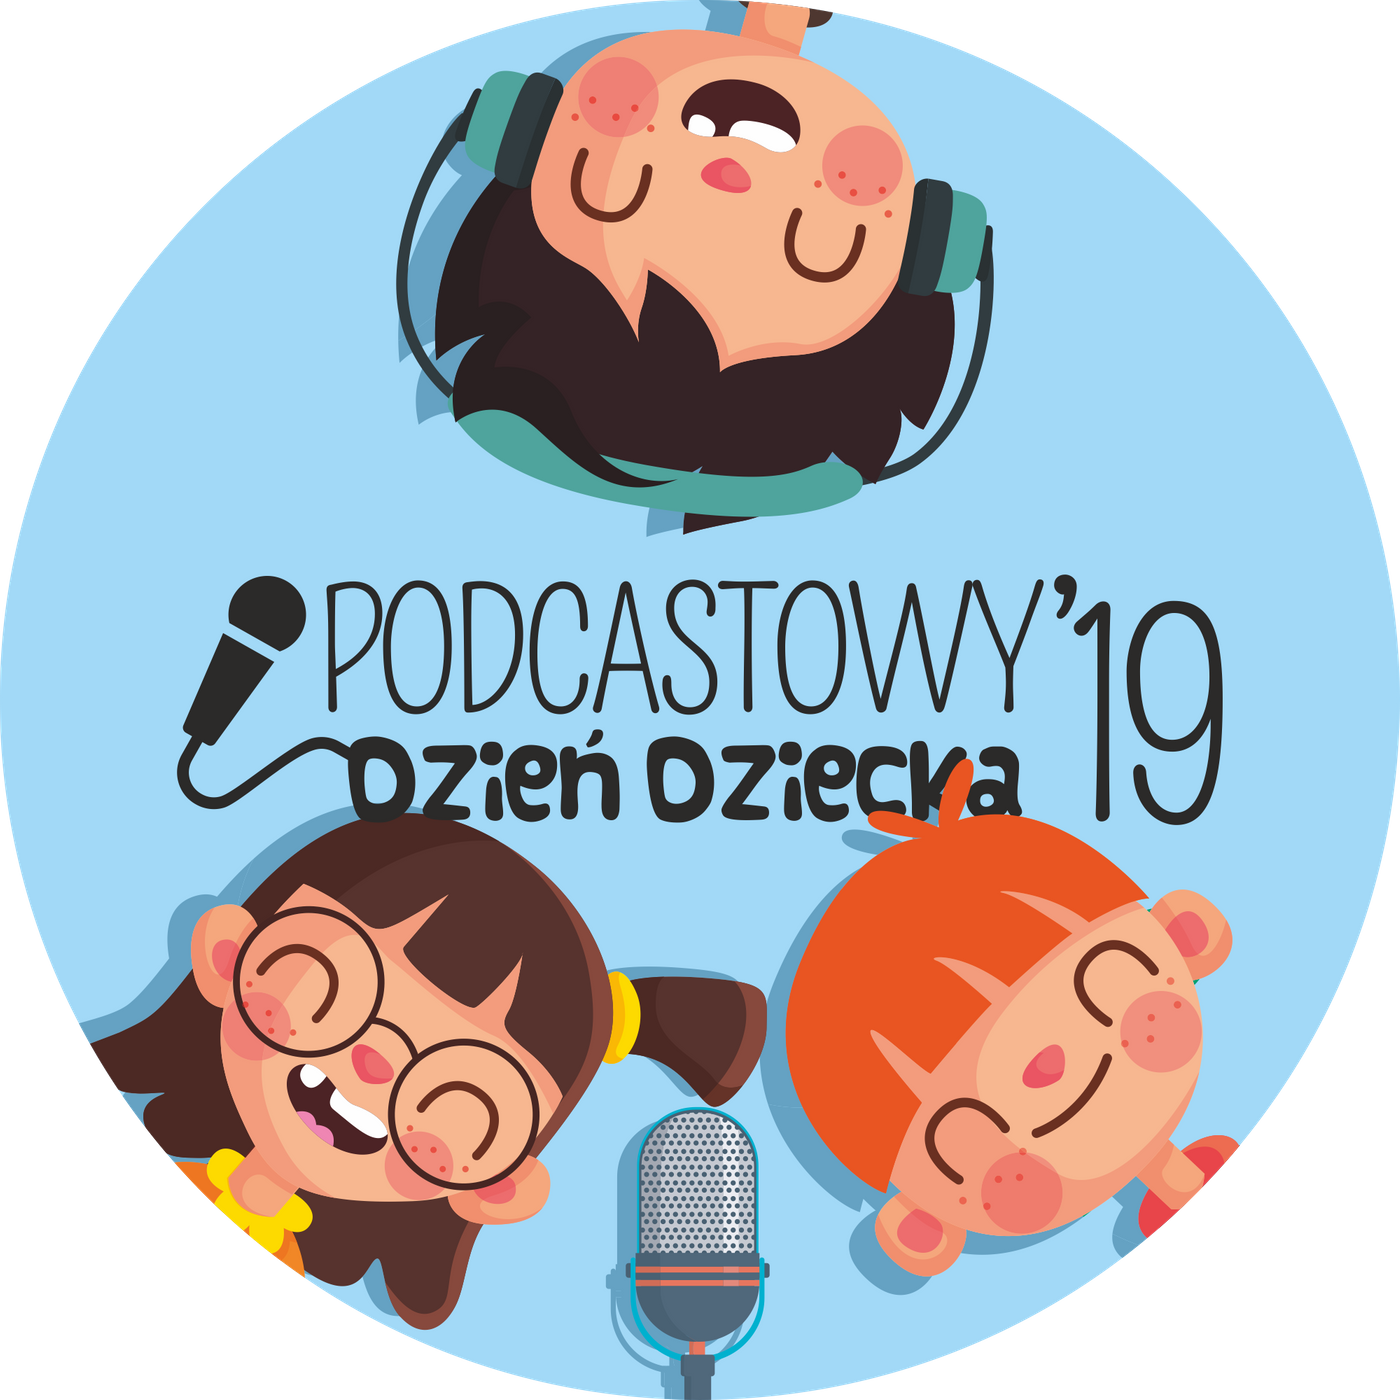 Podcastowy Dzien Dziecka 2019 - Bajka o Gęsim Jaju (wg Ewy Szelburg-Zarembina)